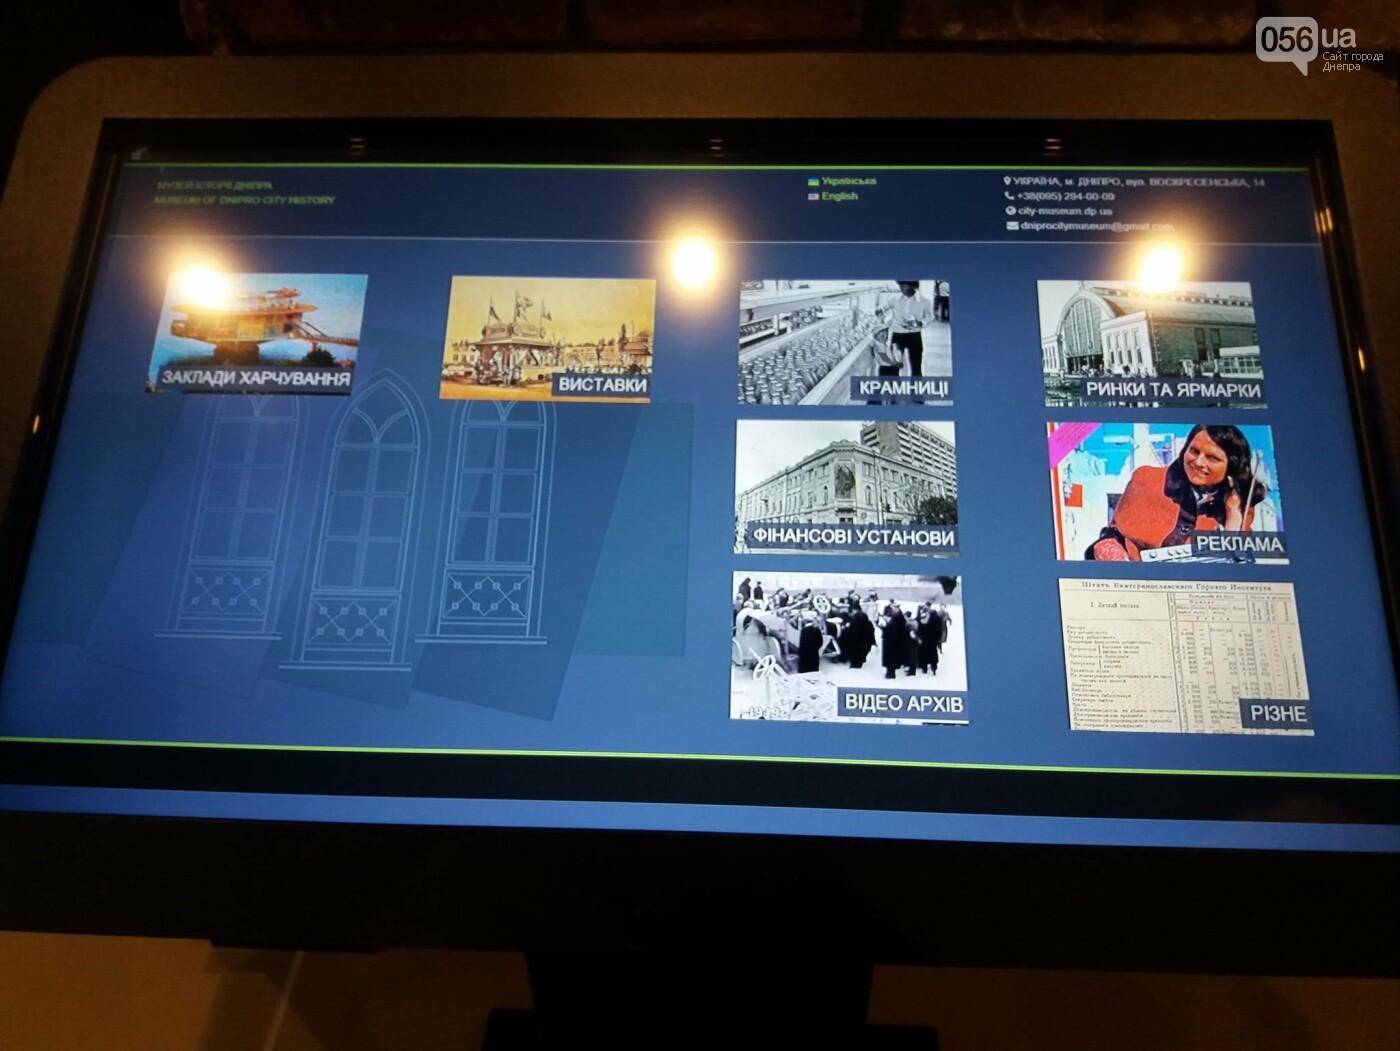 Стоимость экскурсии и входного билета в Музей истории Днепра, фото-8